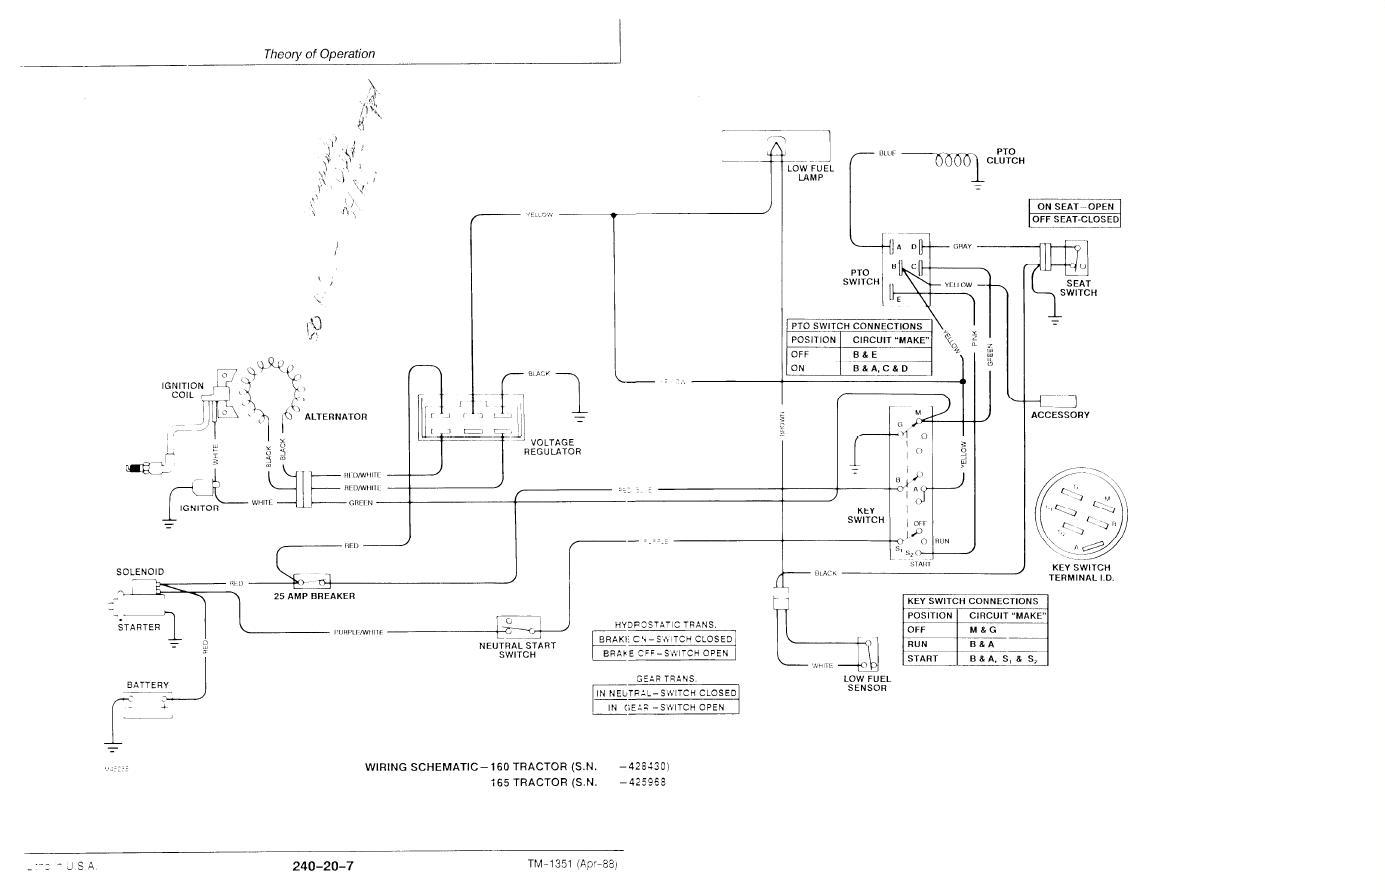 stx38 wiring schematic wiring diagram john deere stx38 parts diagram auto wiring schematic